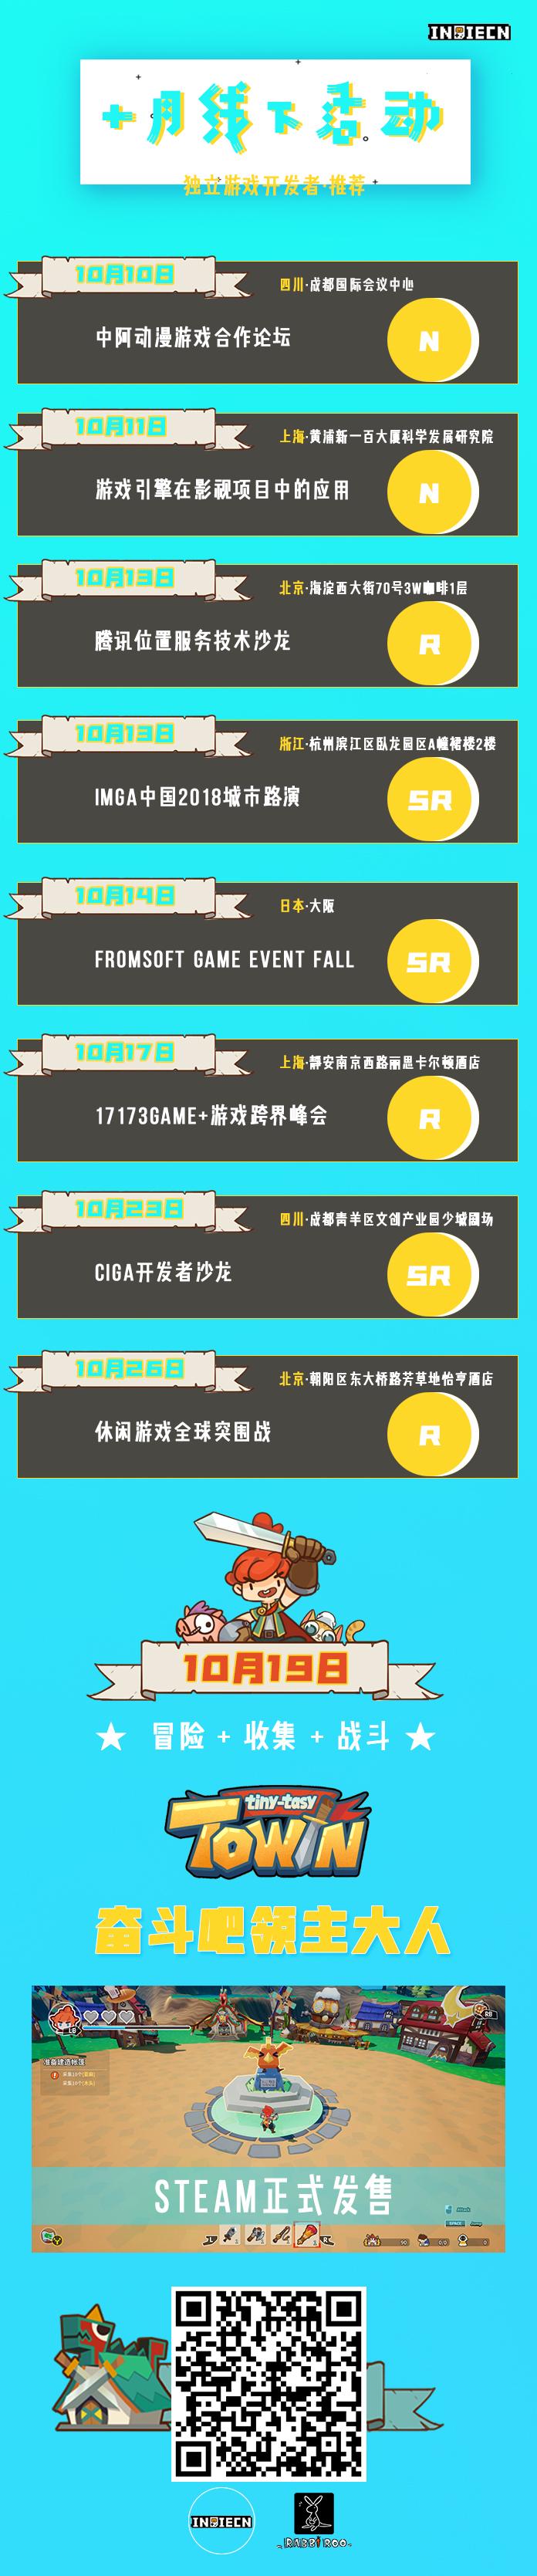 1009线下活动list.jpg